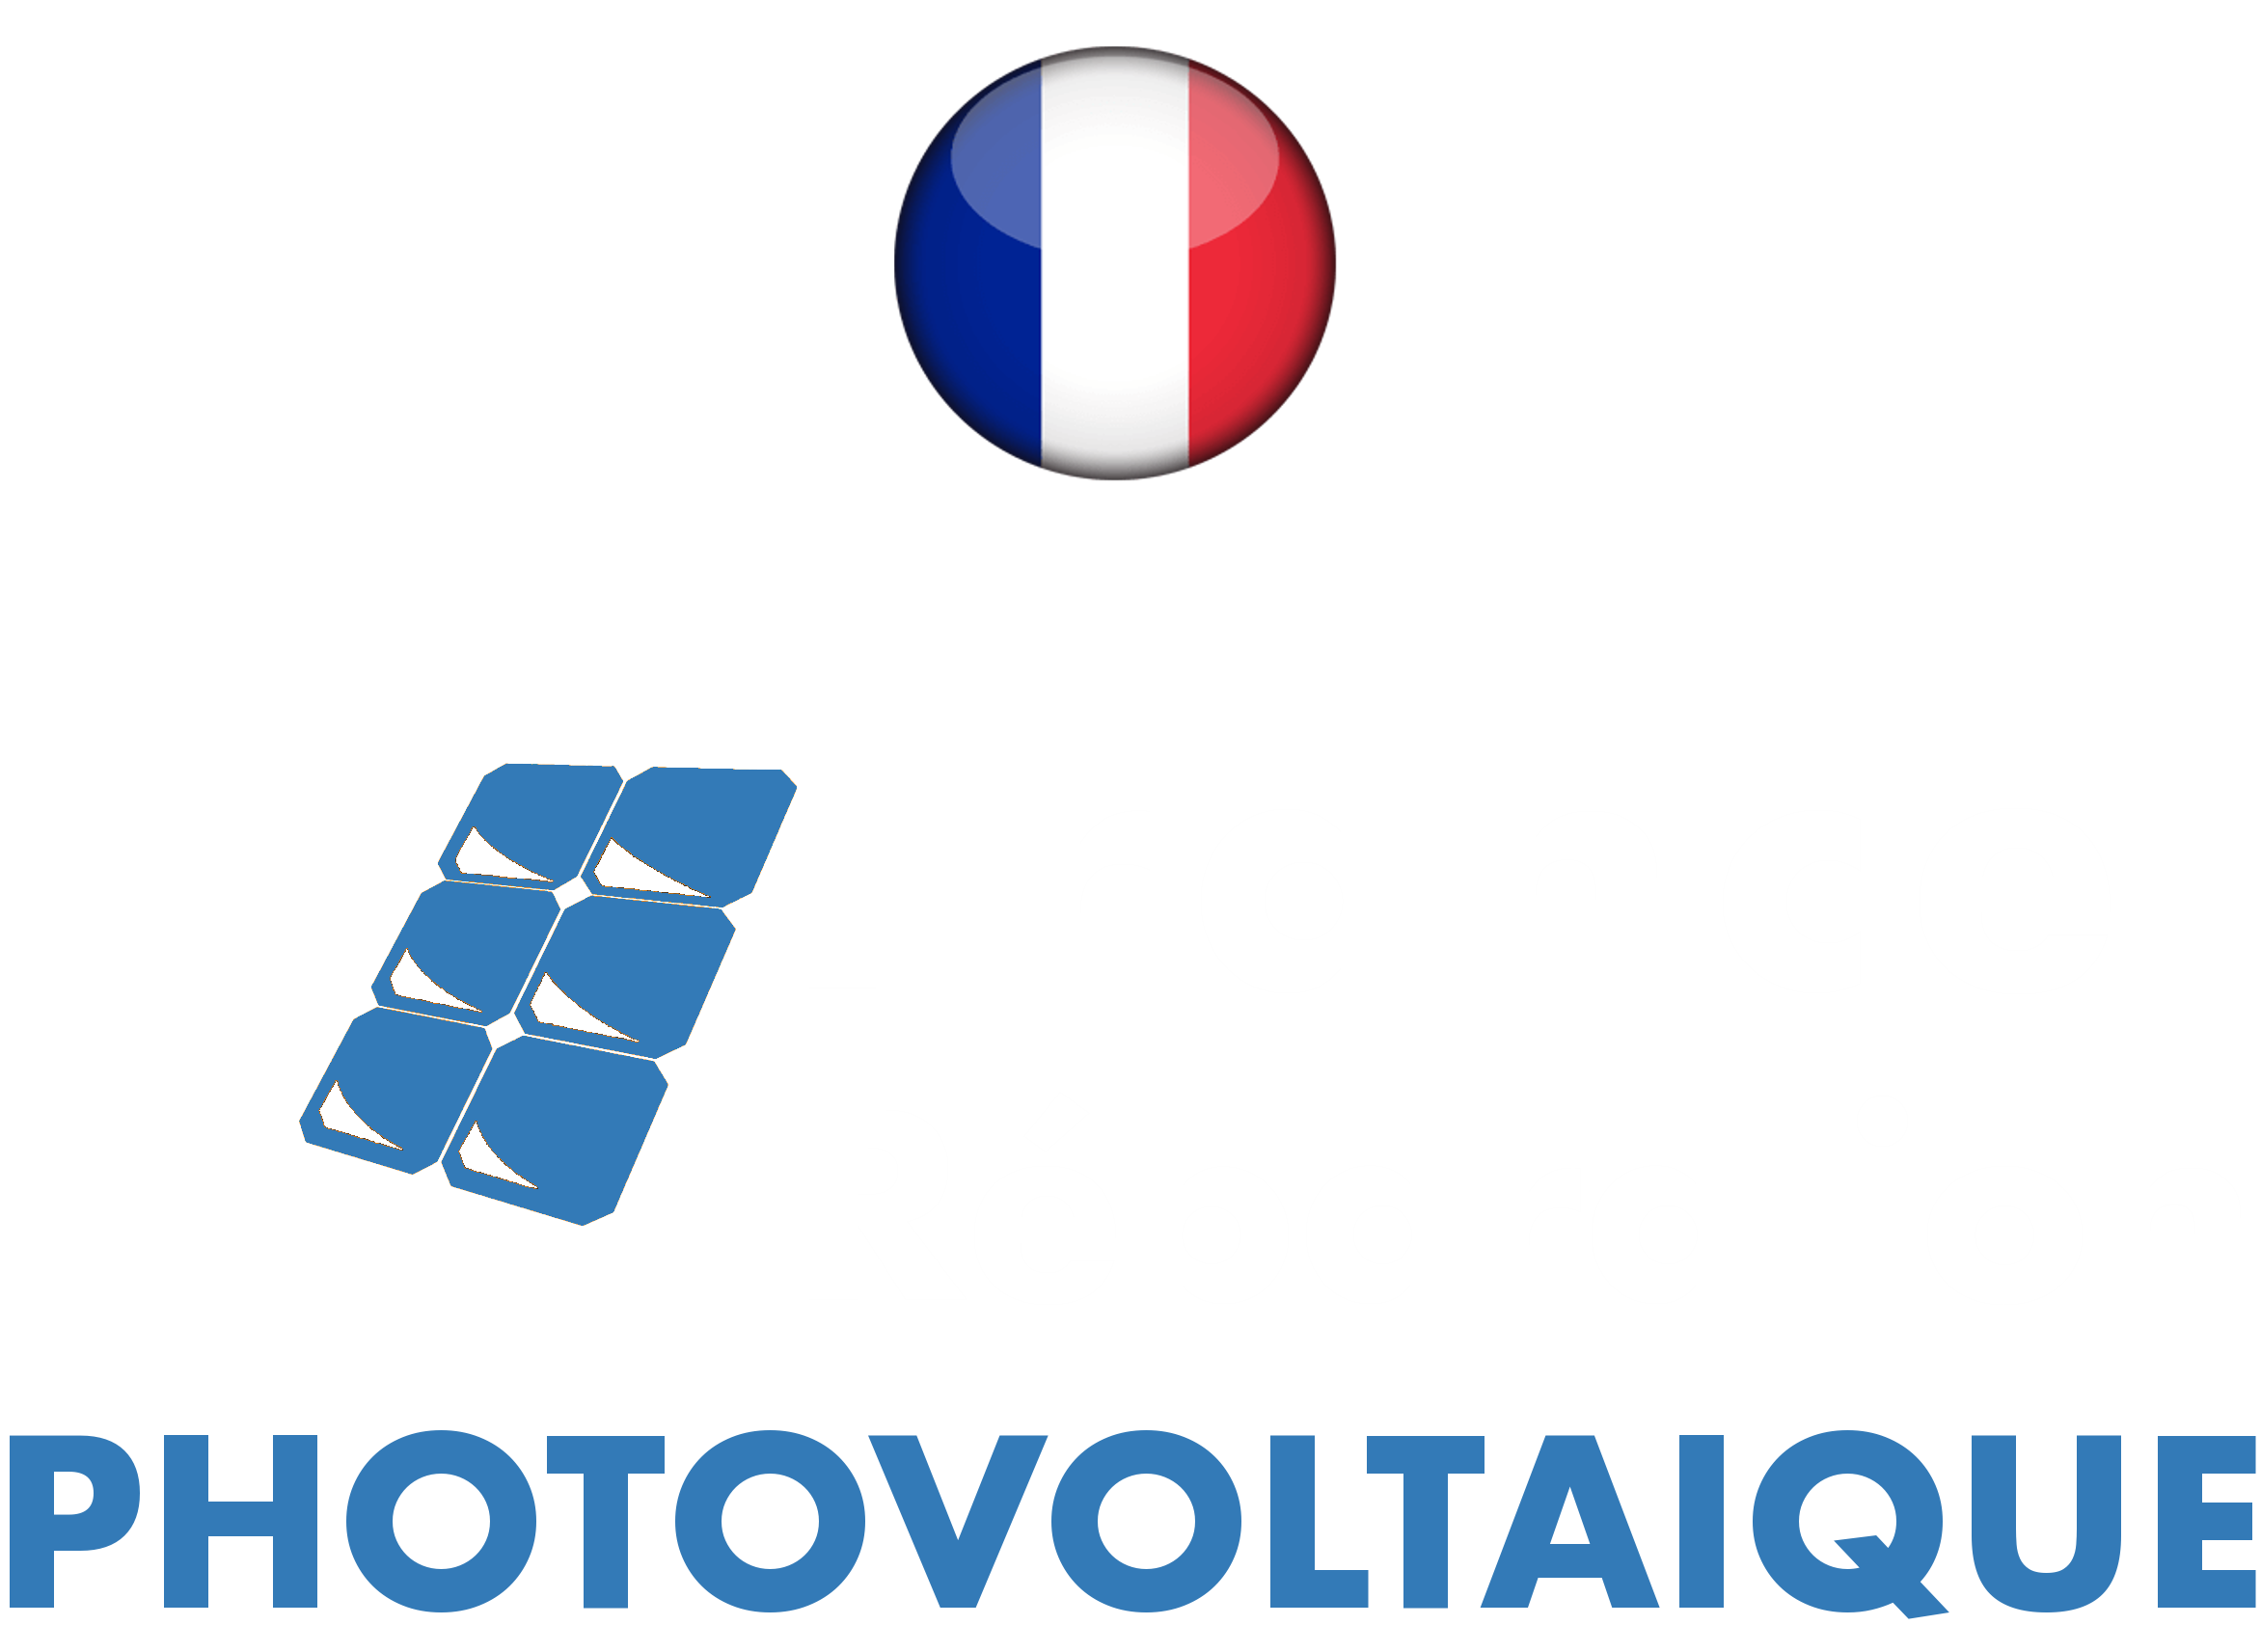 France Réparation Photovoltaique